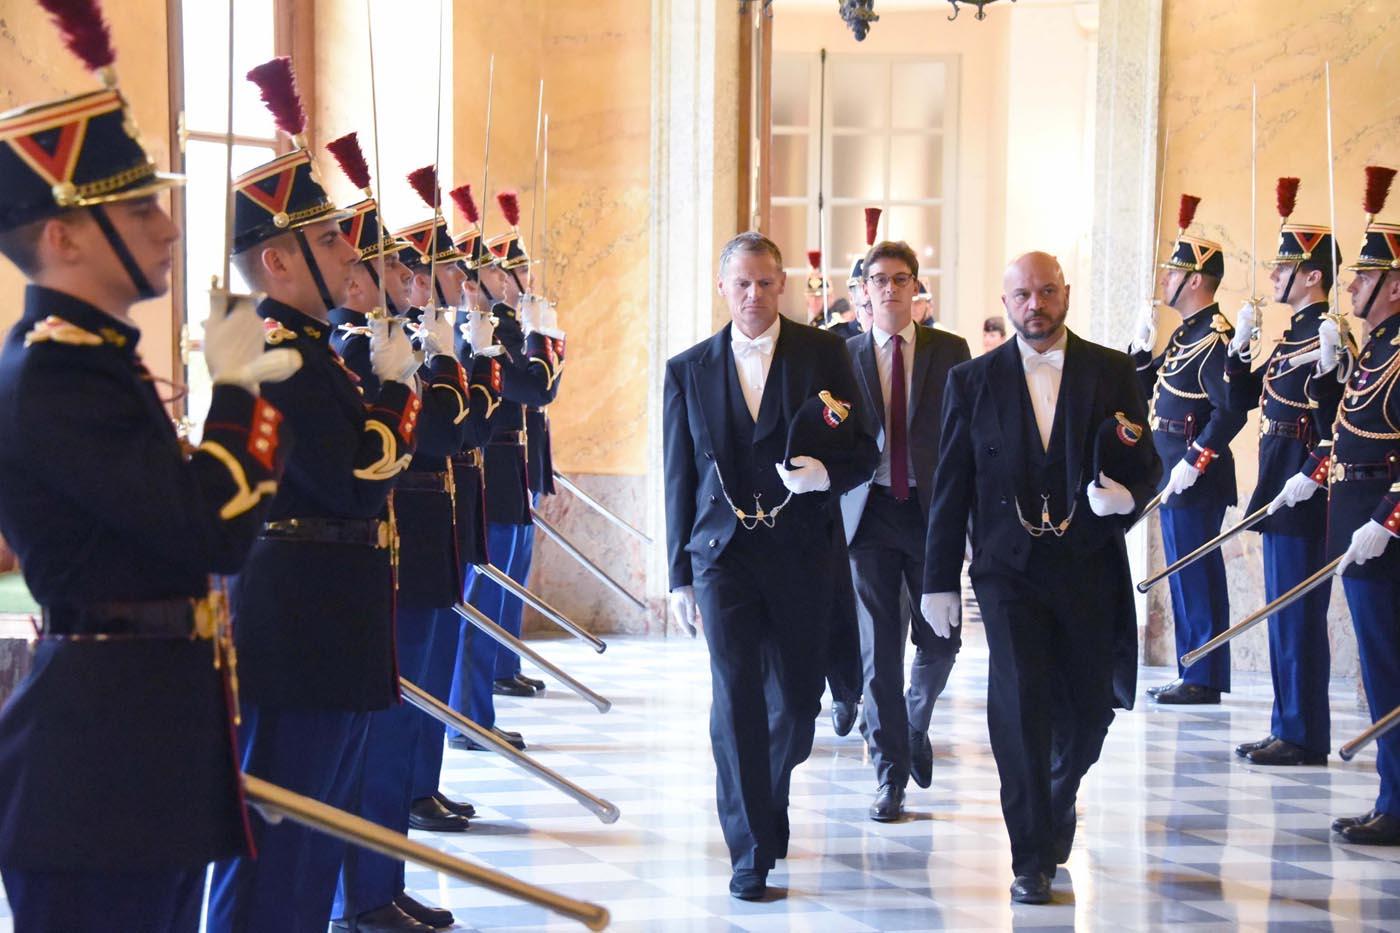 L'arrivée du président ou du vice-président le cas échéant est un moment solennel...